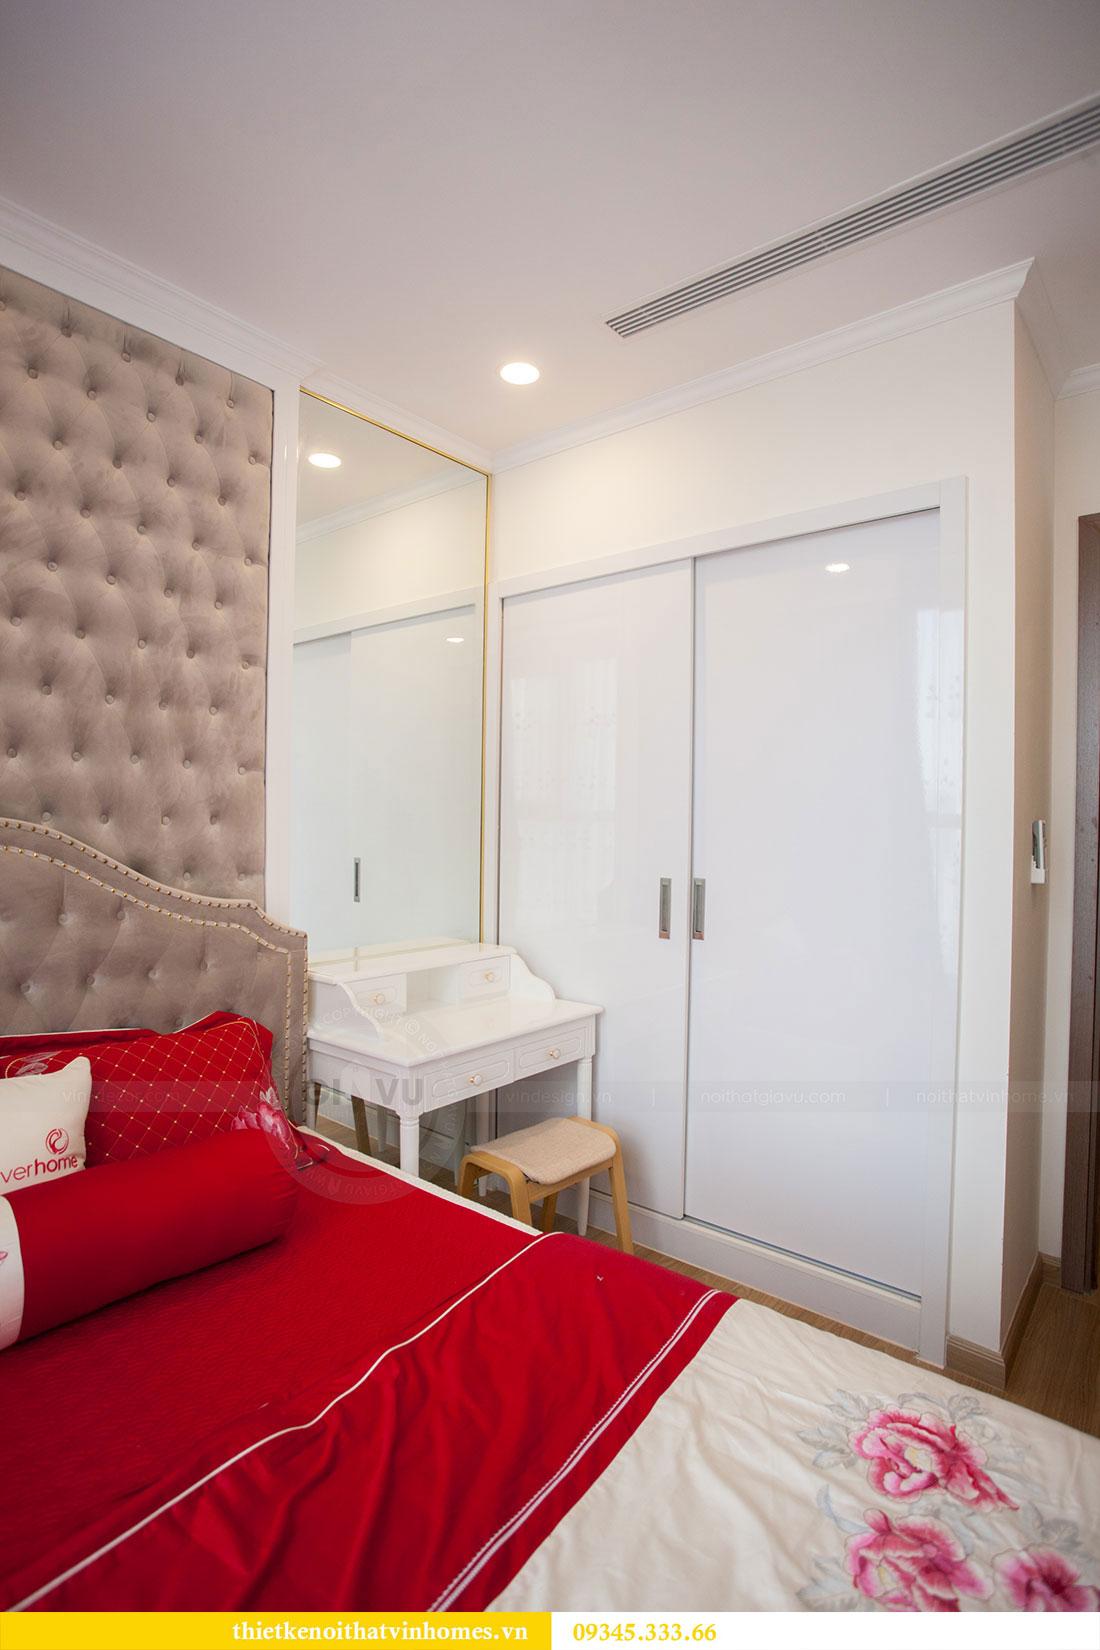 Hoàn thiện nội thất chung cư Dcapitale căn 2 phòng ngủ 13